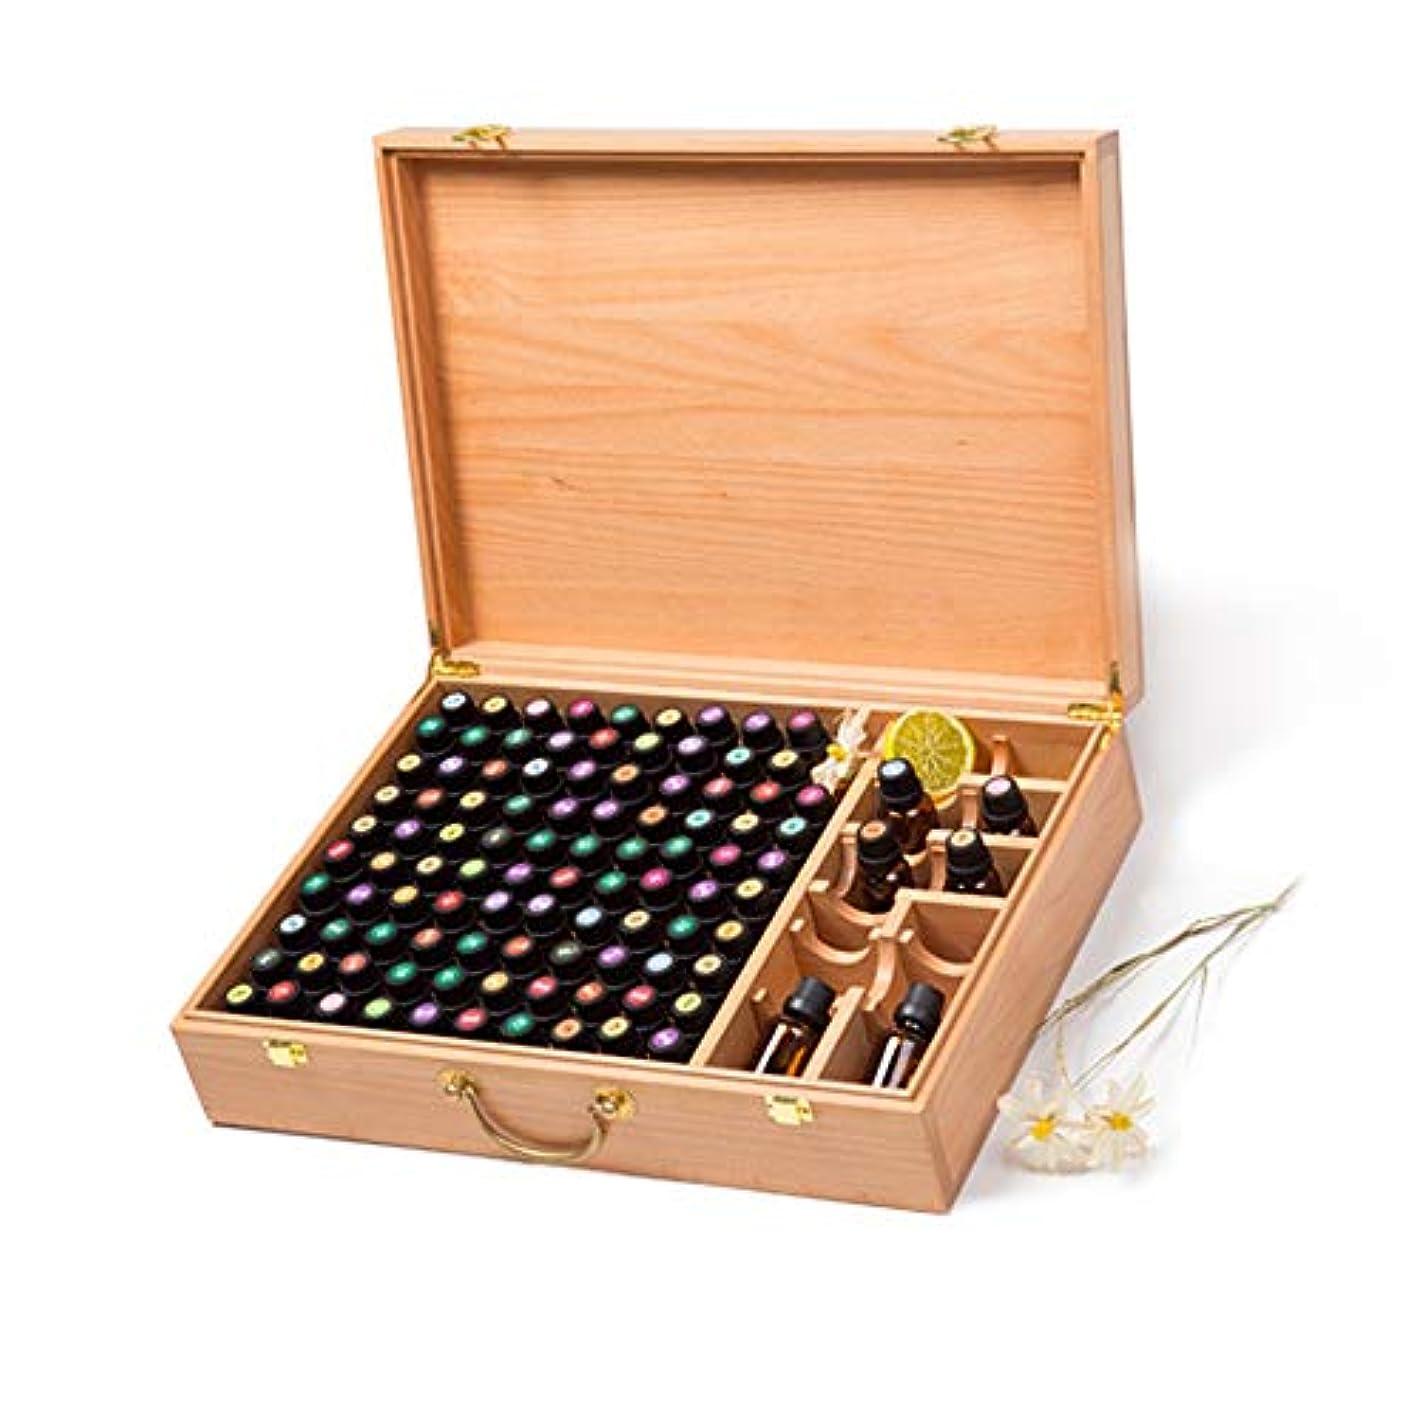 堂々たる付ける束ねるハンドルパーフェクトエッセンシャルオイルのケースでは手作りの木製エッセンシャルオイルストレージボックスは100の油のボトルを保持します アロマセラピー製品 (色 : Natural, サイズ : 44X31.5X10.5CM)